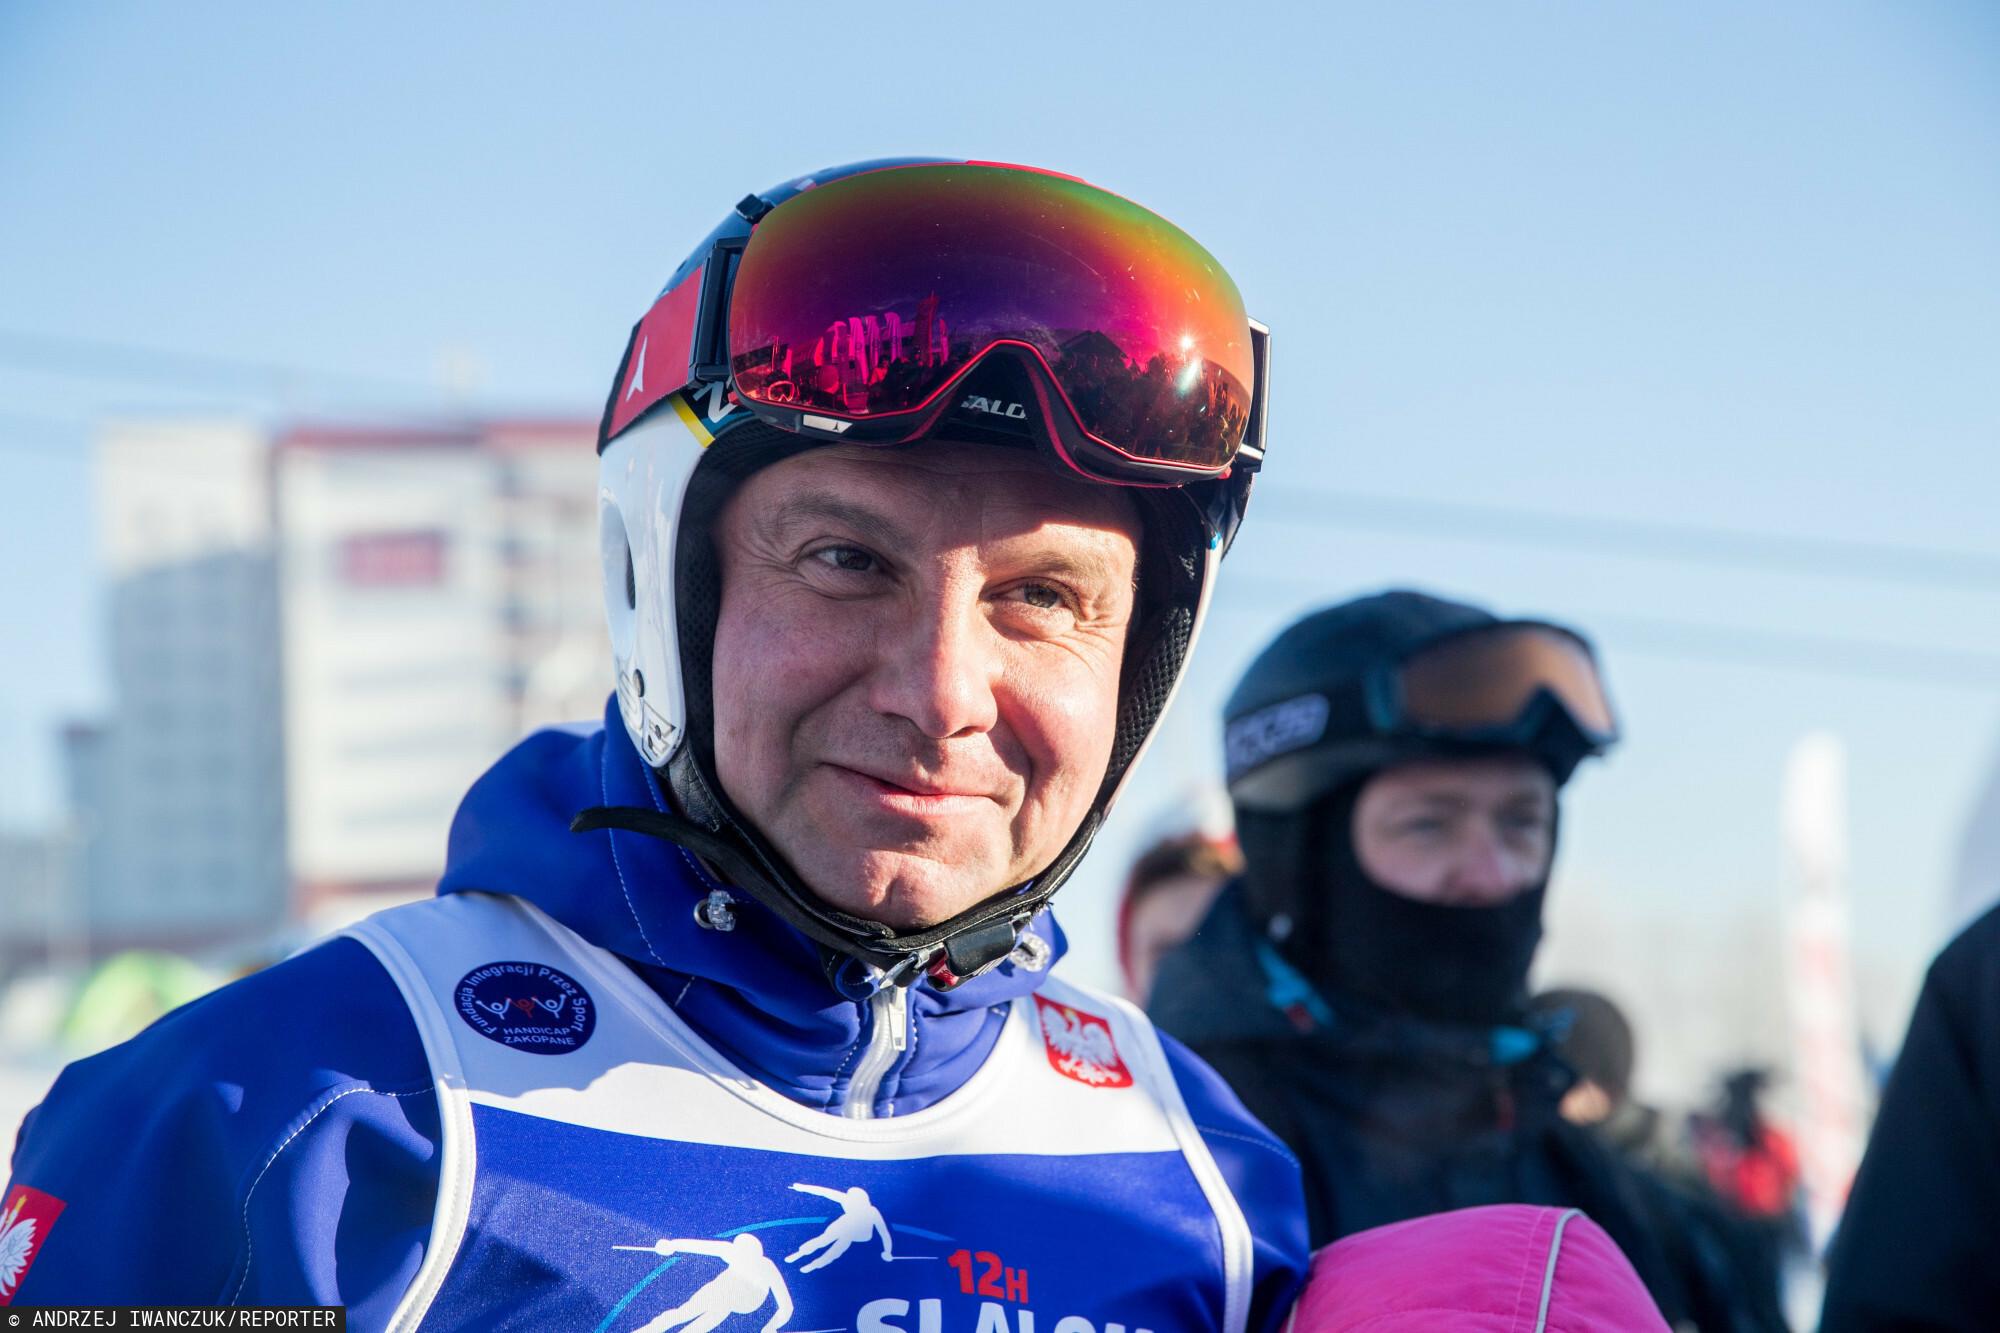 Andrzej Duda odwiedził Zakopane, by wziąć udział w zawodach narciarskich.